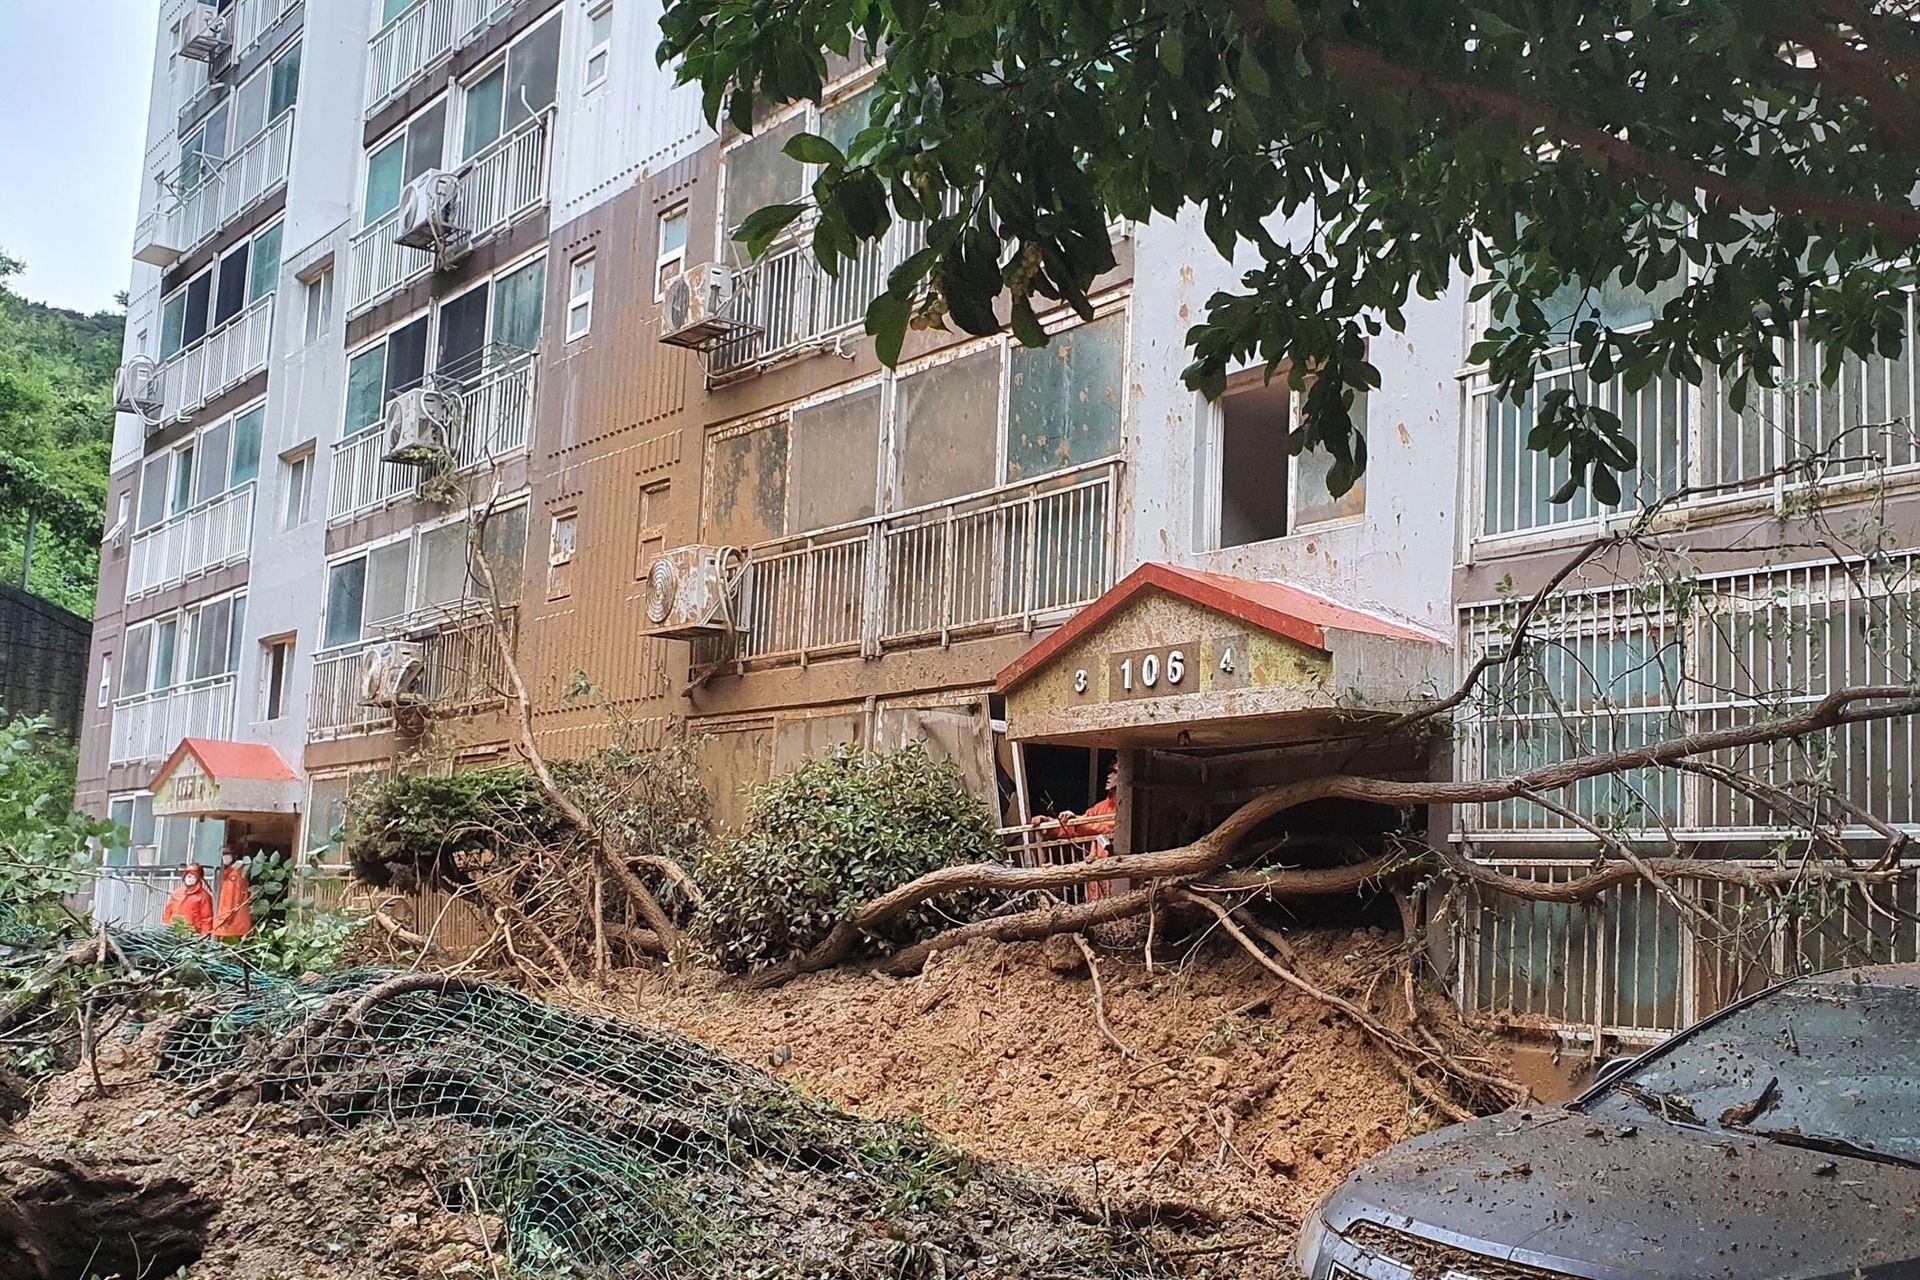 El tifón dañó edificios, inundó carreteras y dejó miles de viviendas sin electricidad en Corea del Sur.